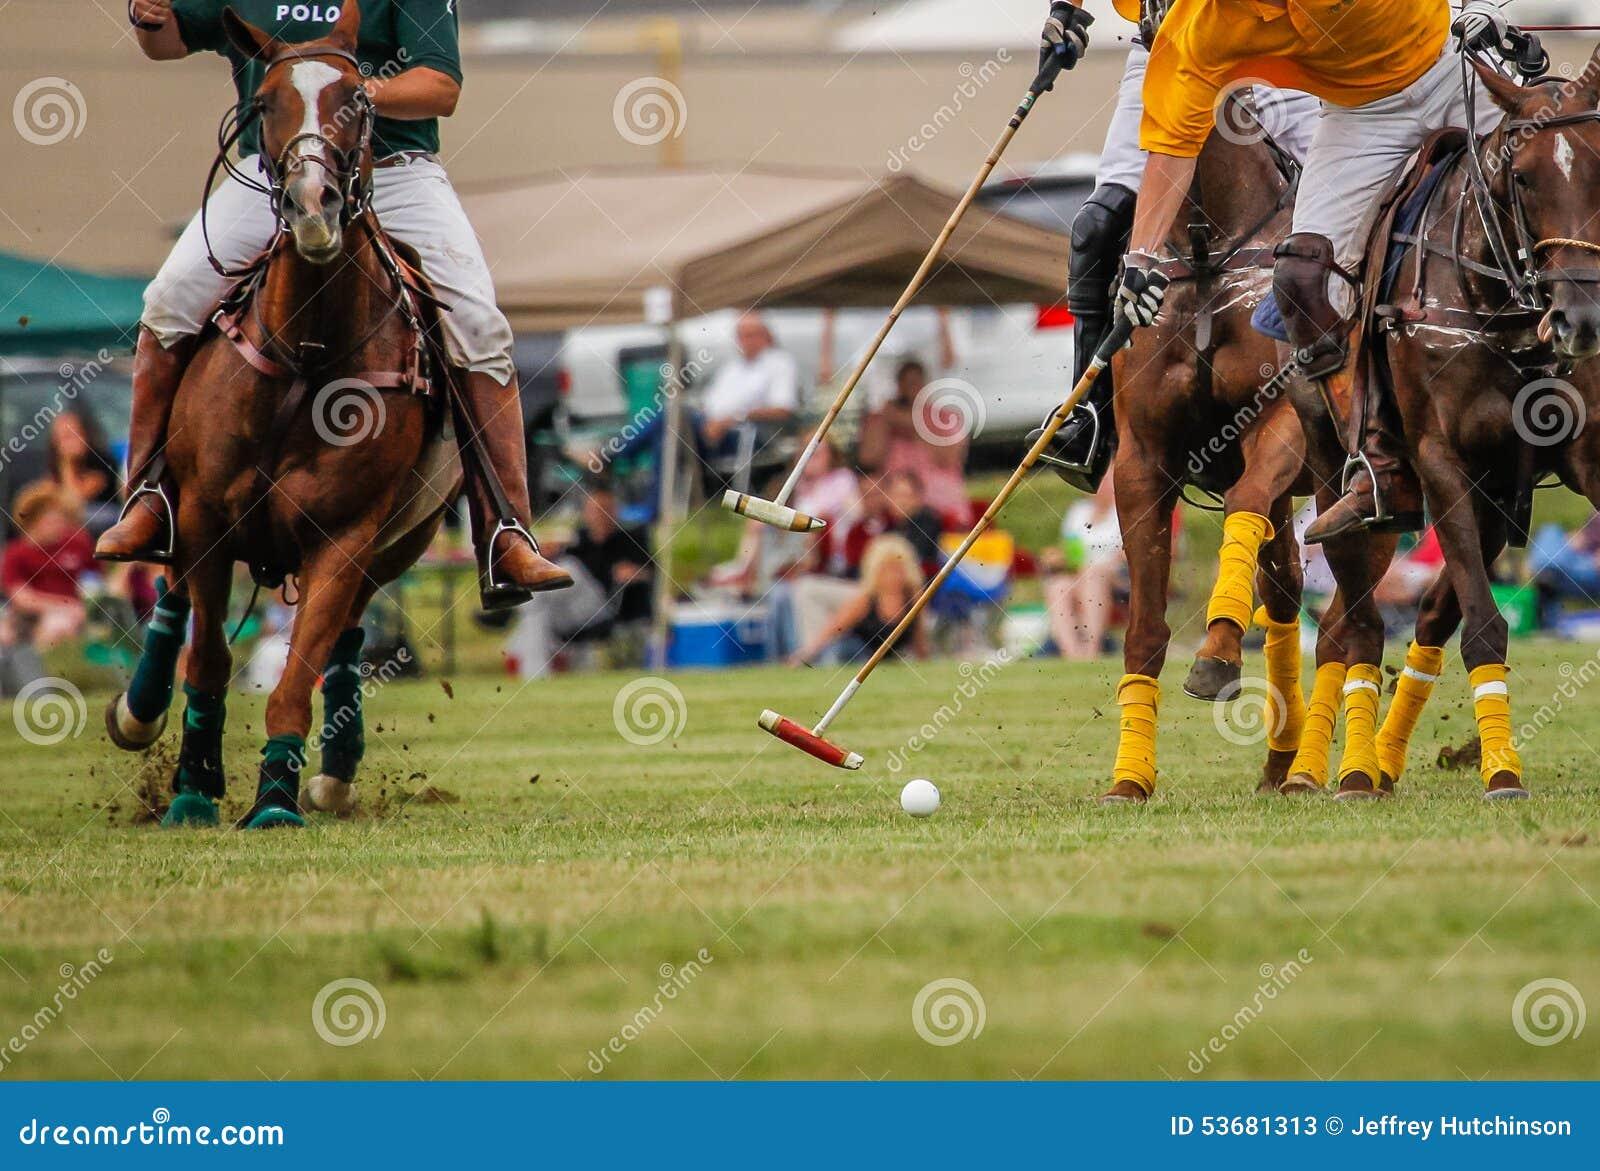 Spieler in einem Polomatch